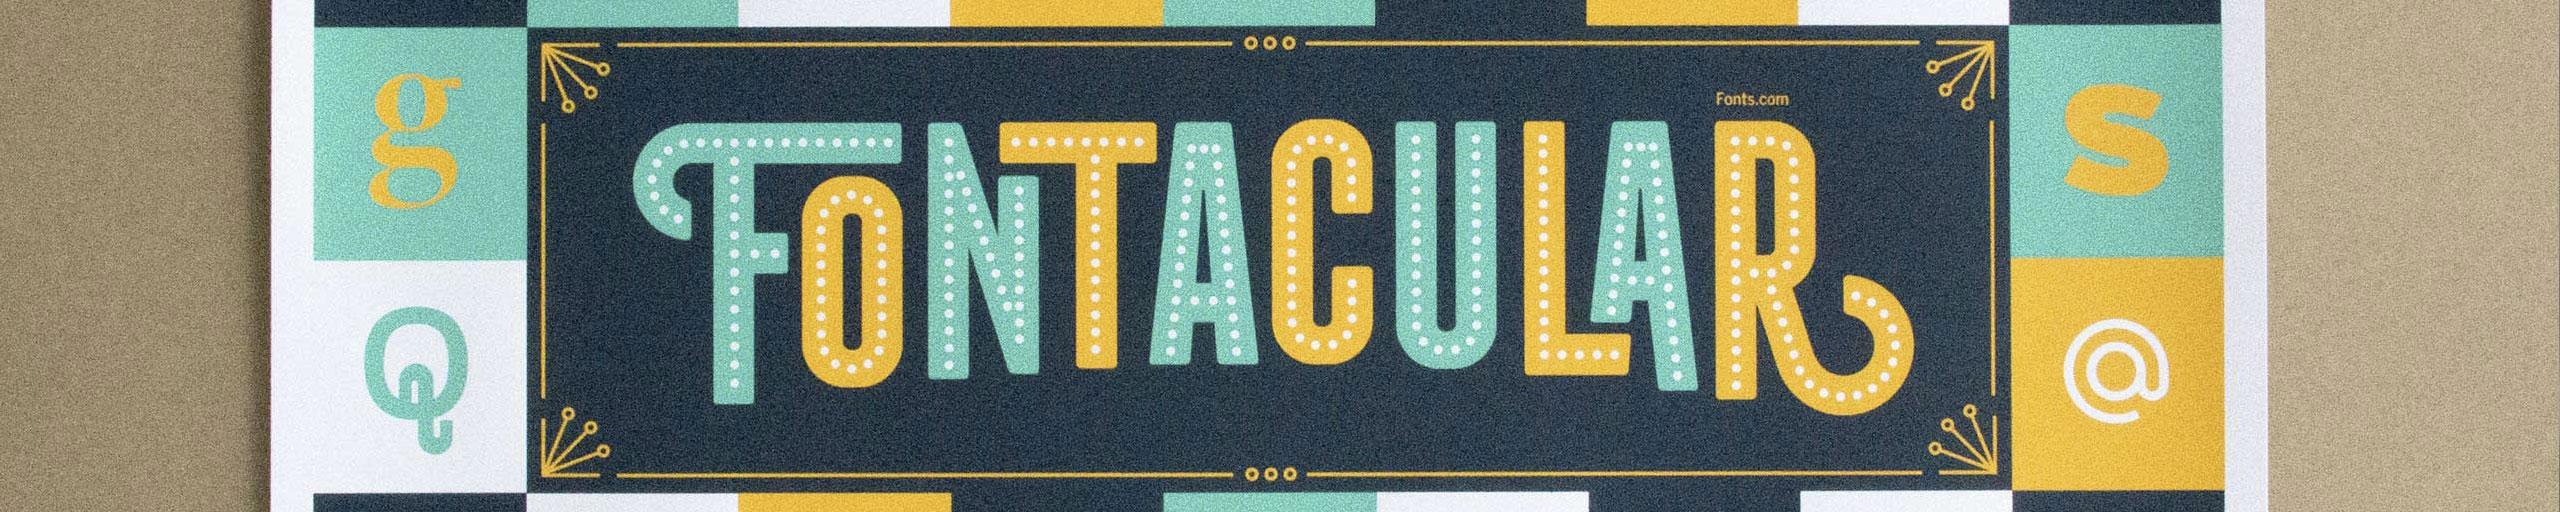 The Fonts.com Fontacular Poster